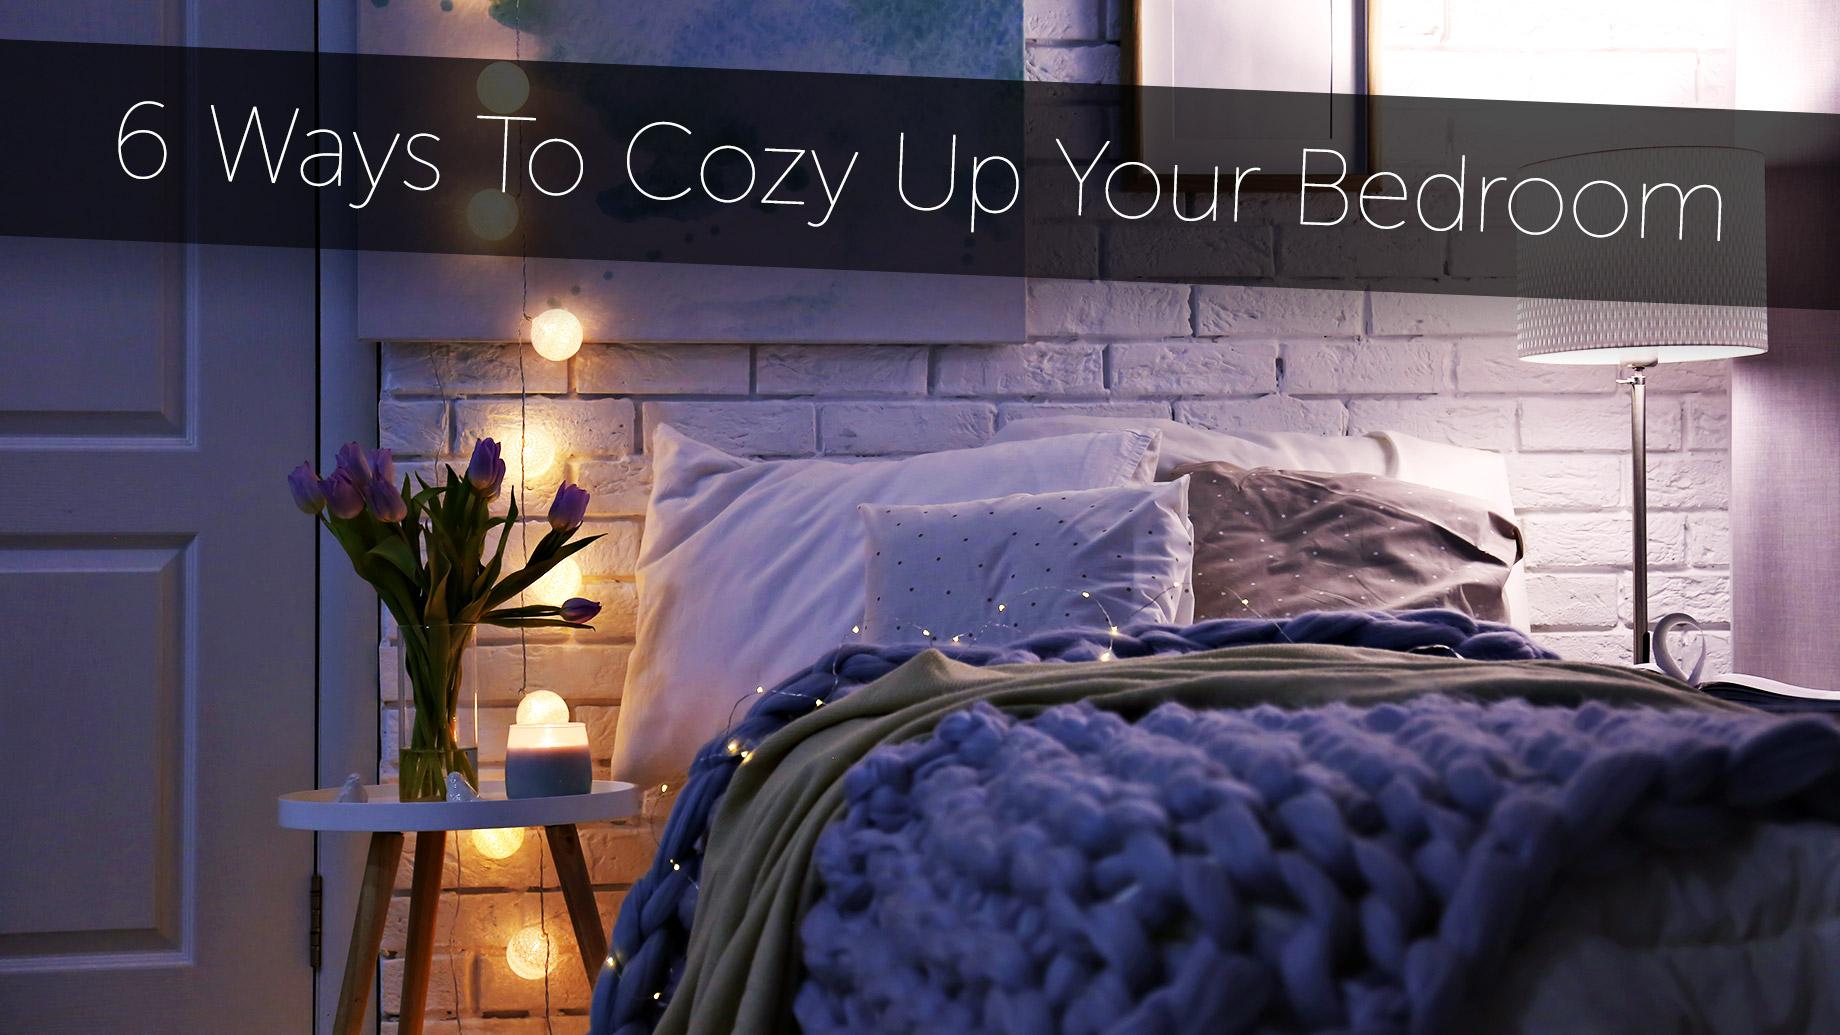 6 Ways To Cozy Up Your Bedroom